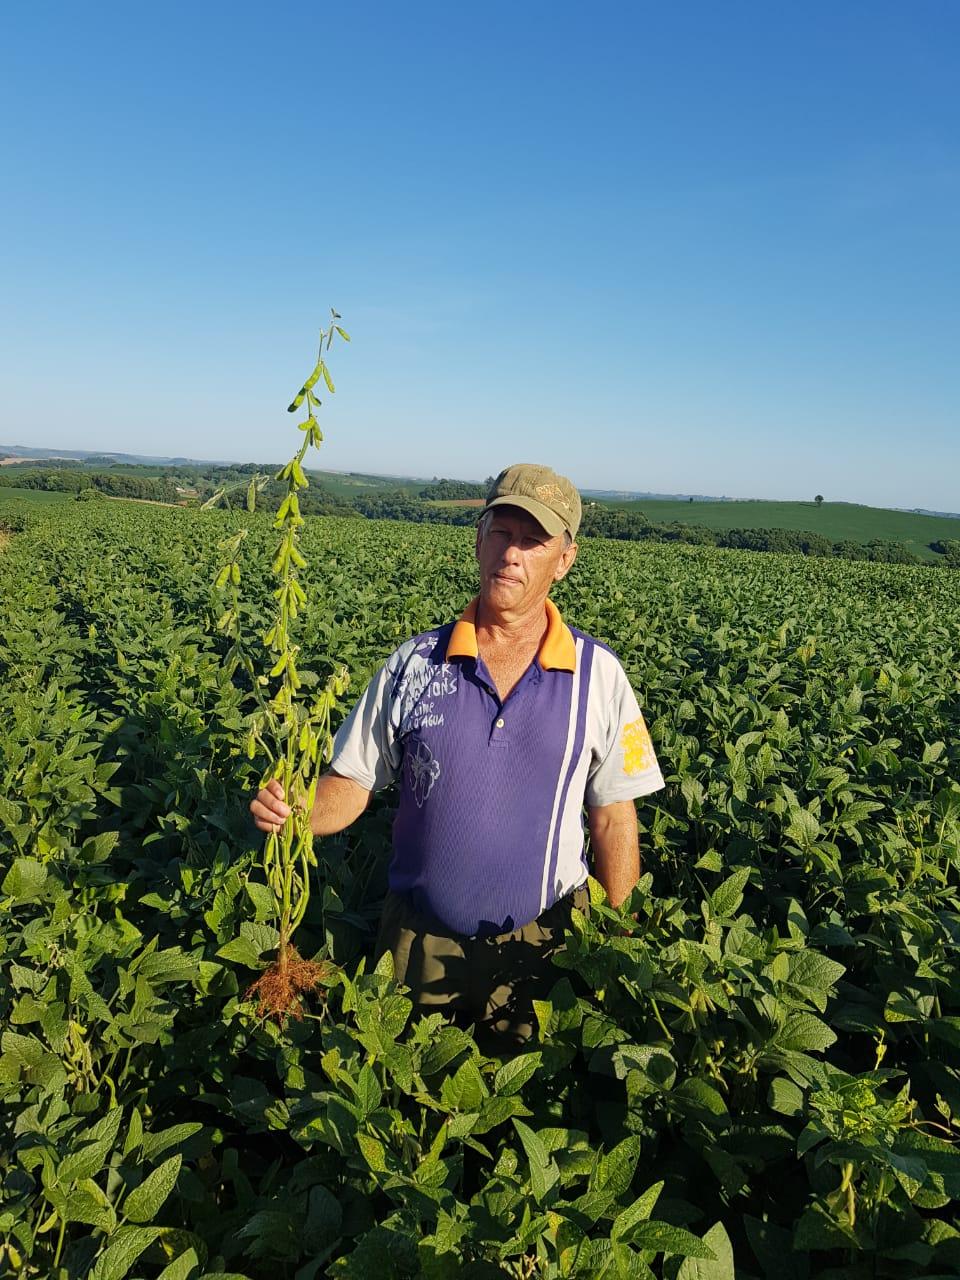 Lavoura de soja Variedade 54i52 ipro do produtor Neudir Rupollo em Barra Funda (RS). Envio do consultor técnico Luciano Colombo